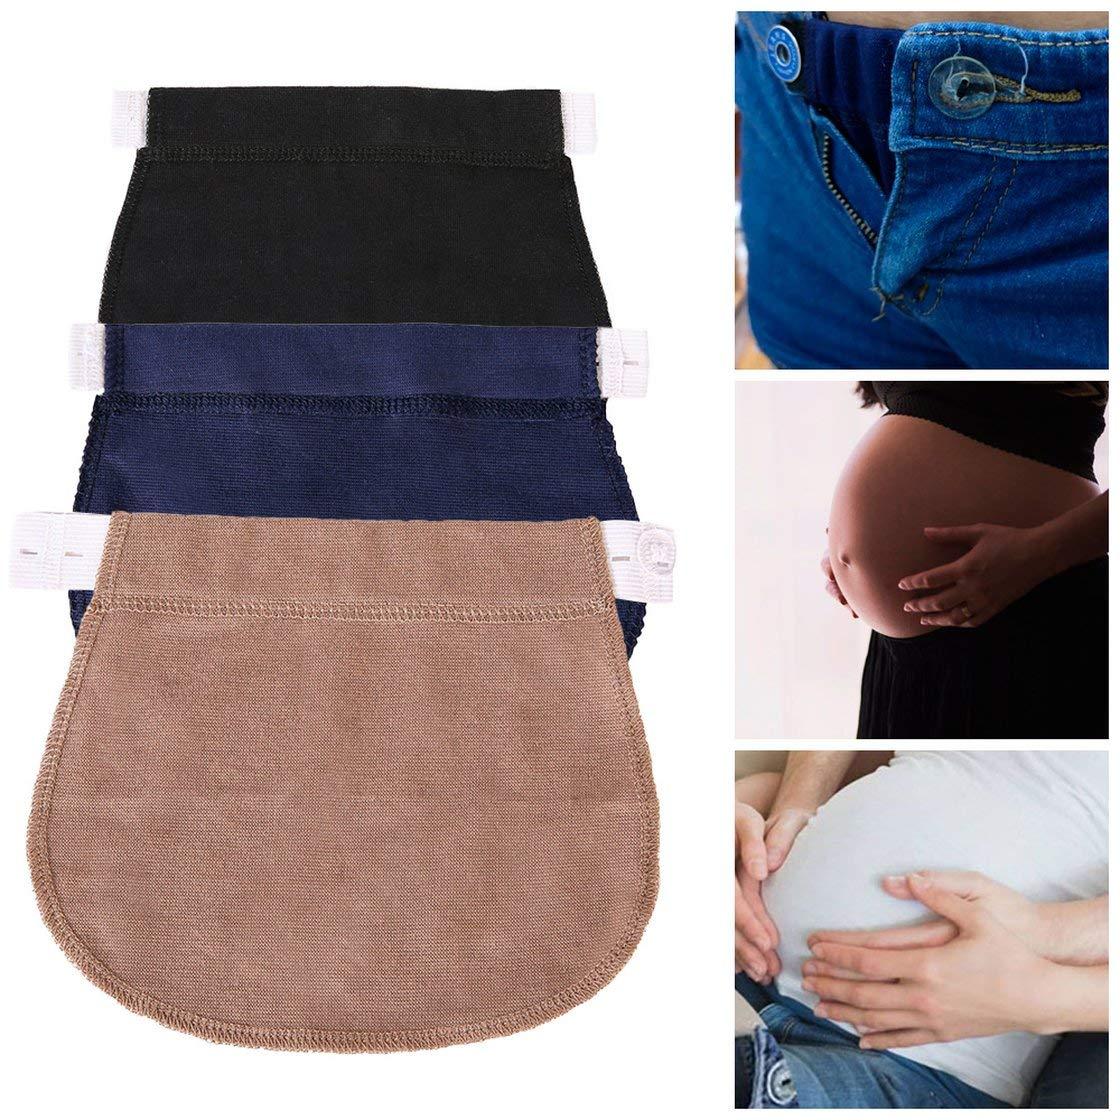 Gwendoll Maternit/é Grossesse Ceinture Ceinture R/églable /Élastique Taille Extender V/êtements Pantalon pour Enceinte